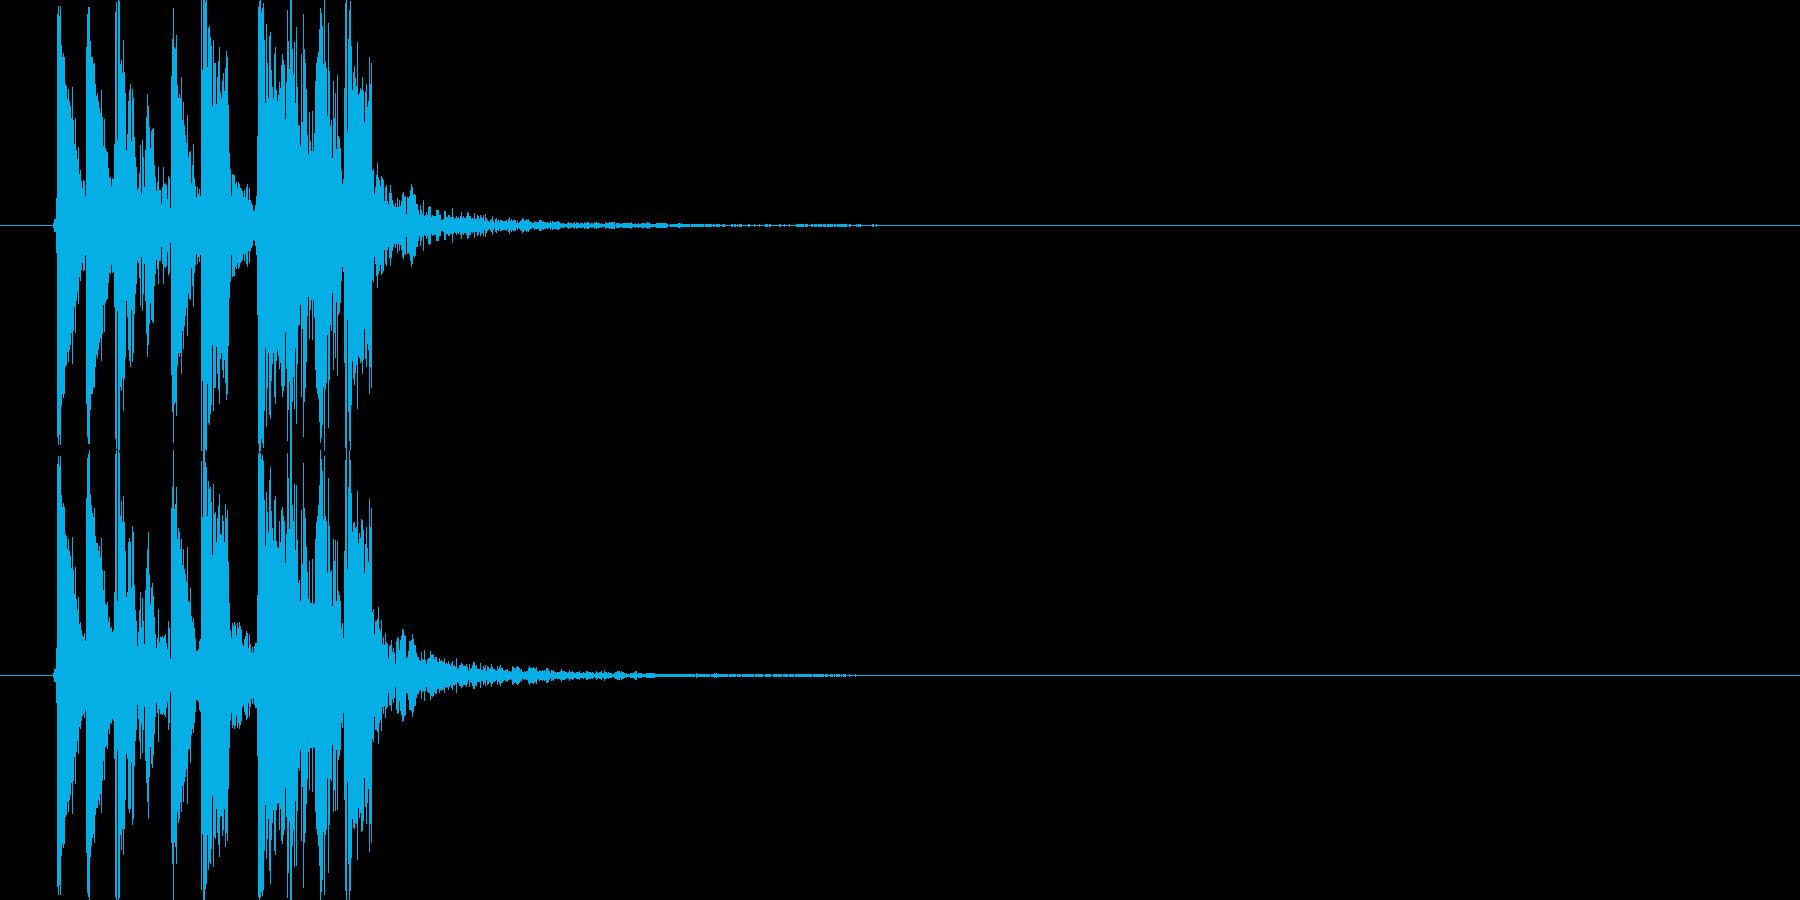 力強いドラムのポップスの再生済みの波形